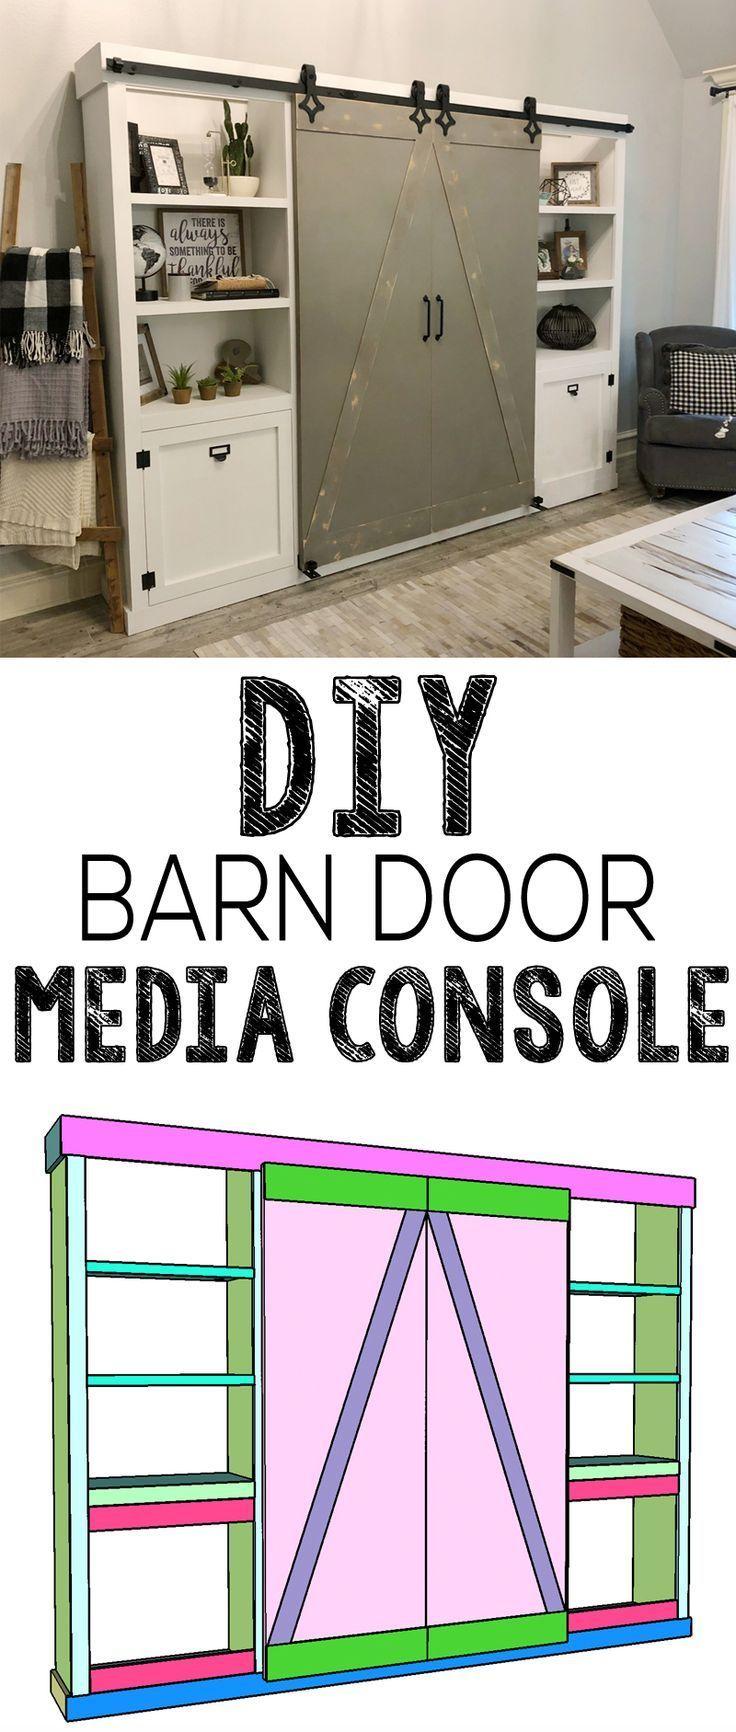 Diy Barn Door Media Cabinet Free Plans How To Video Diy Barn Door Barn Door Cabinet Diy Door